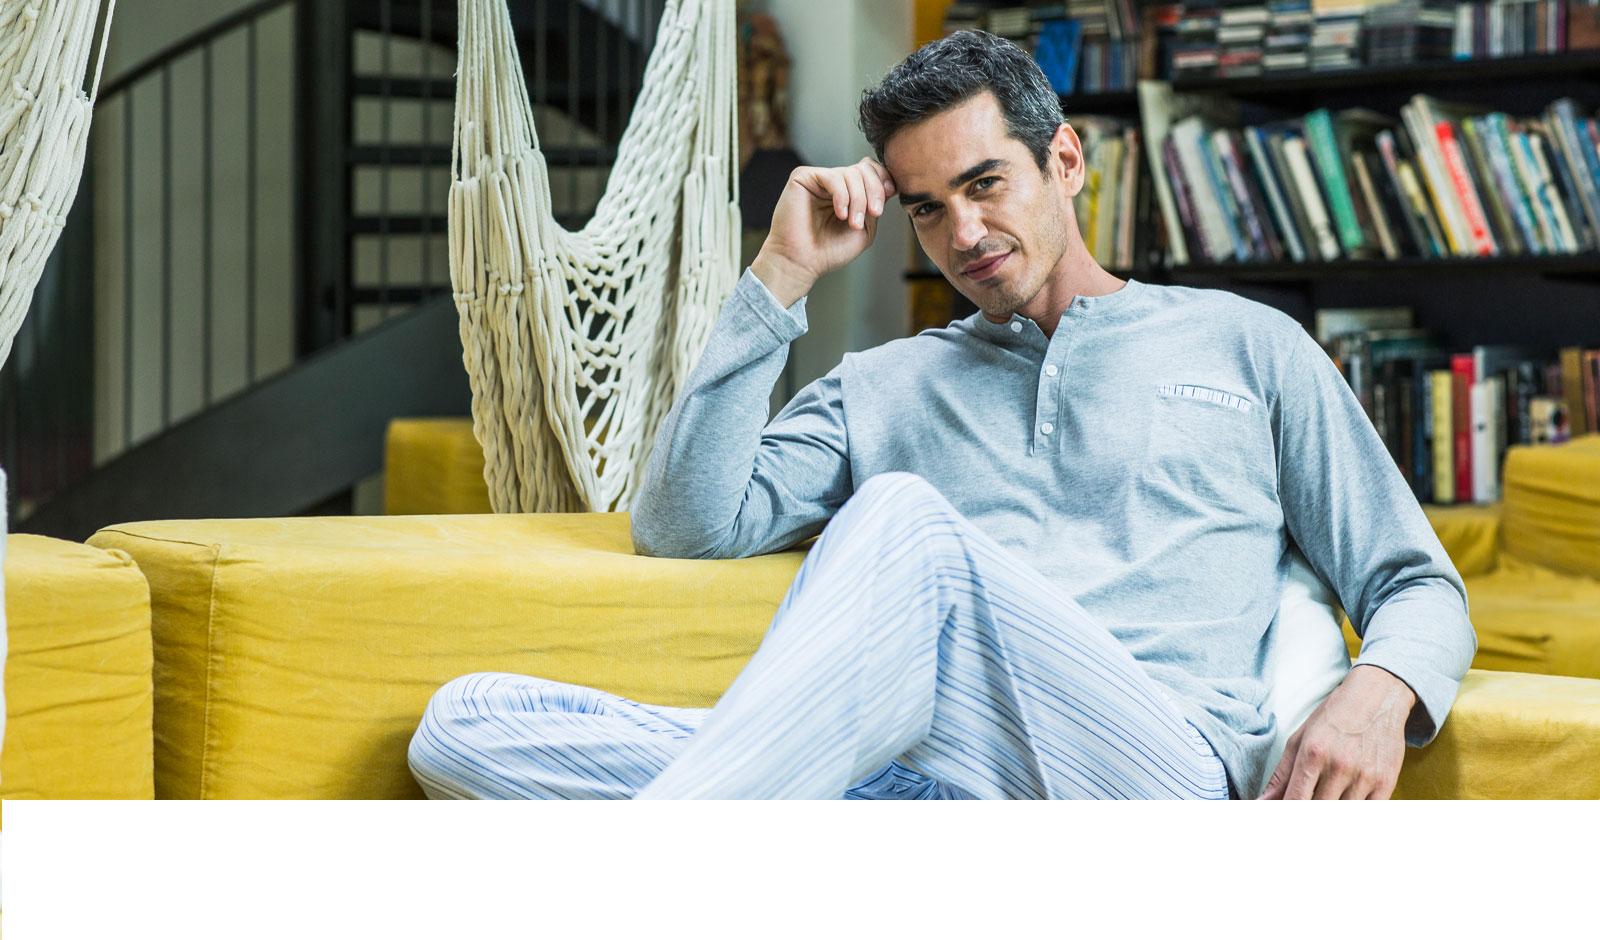 GHIRO pigiama in puro cotone, pratico e confortevole